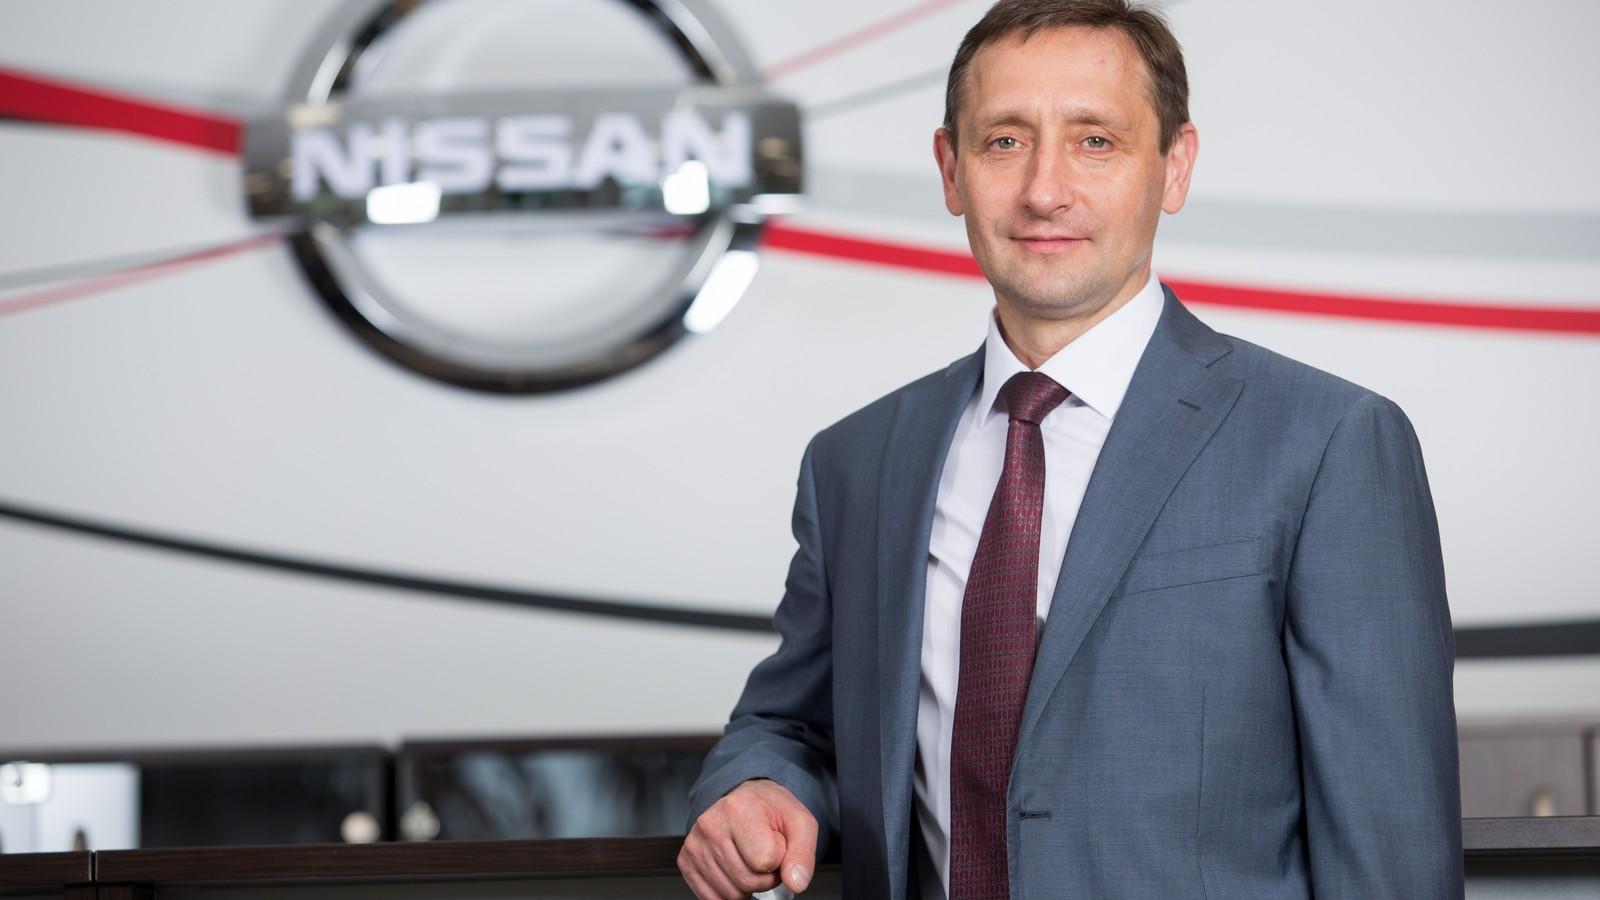 Игорь Бойцов, Вице-президент и генеральный директор завода Nissan в Санкт-Петербурге